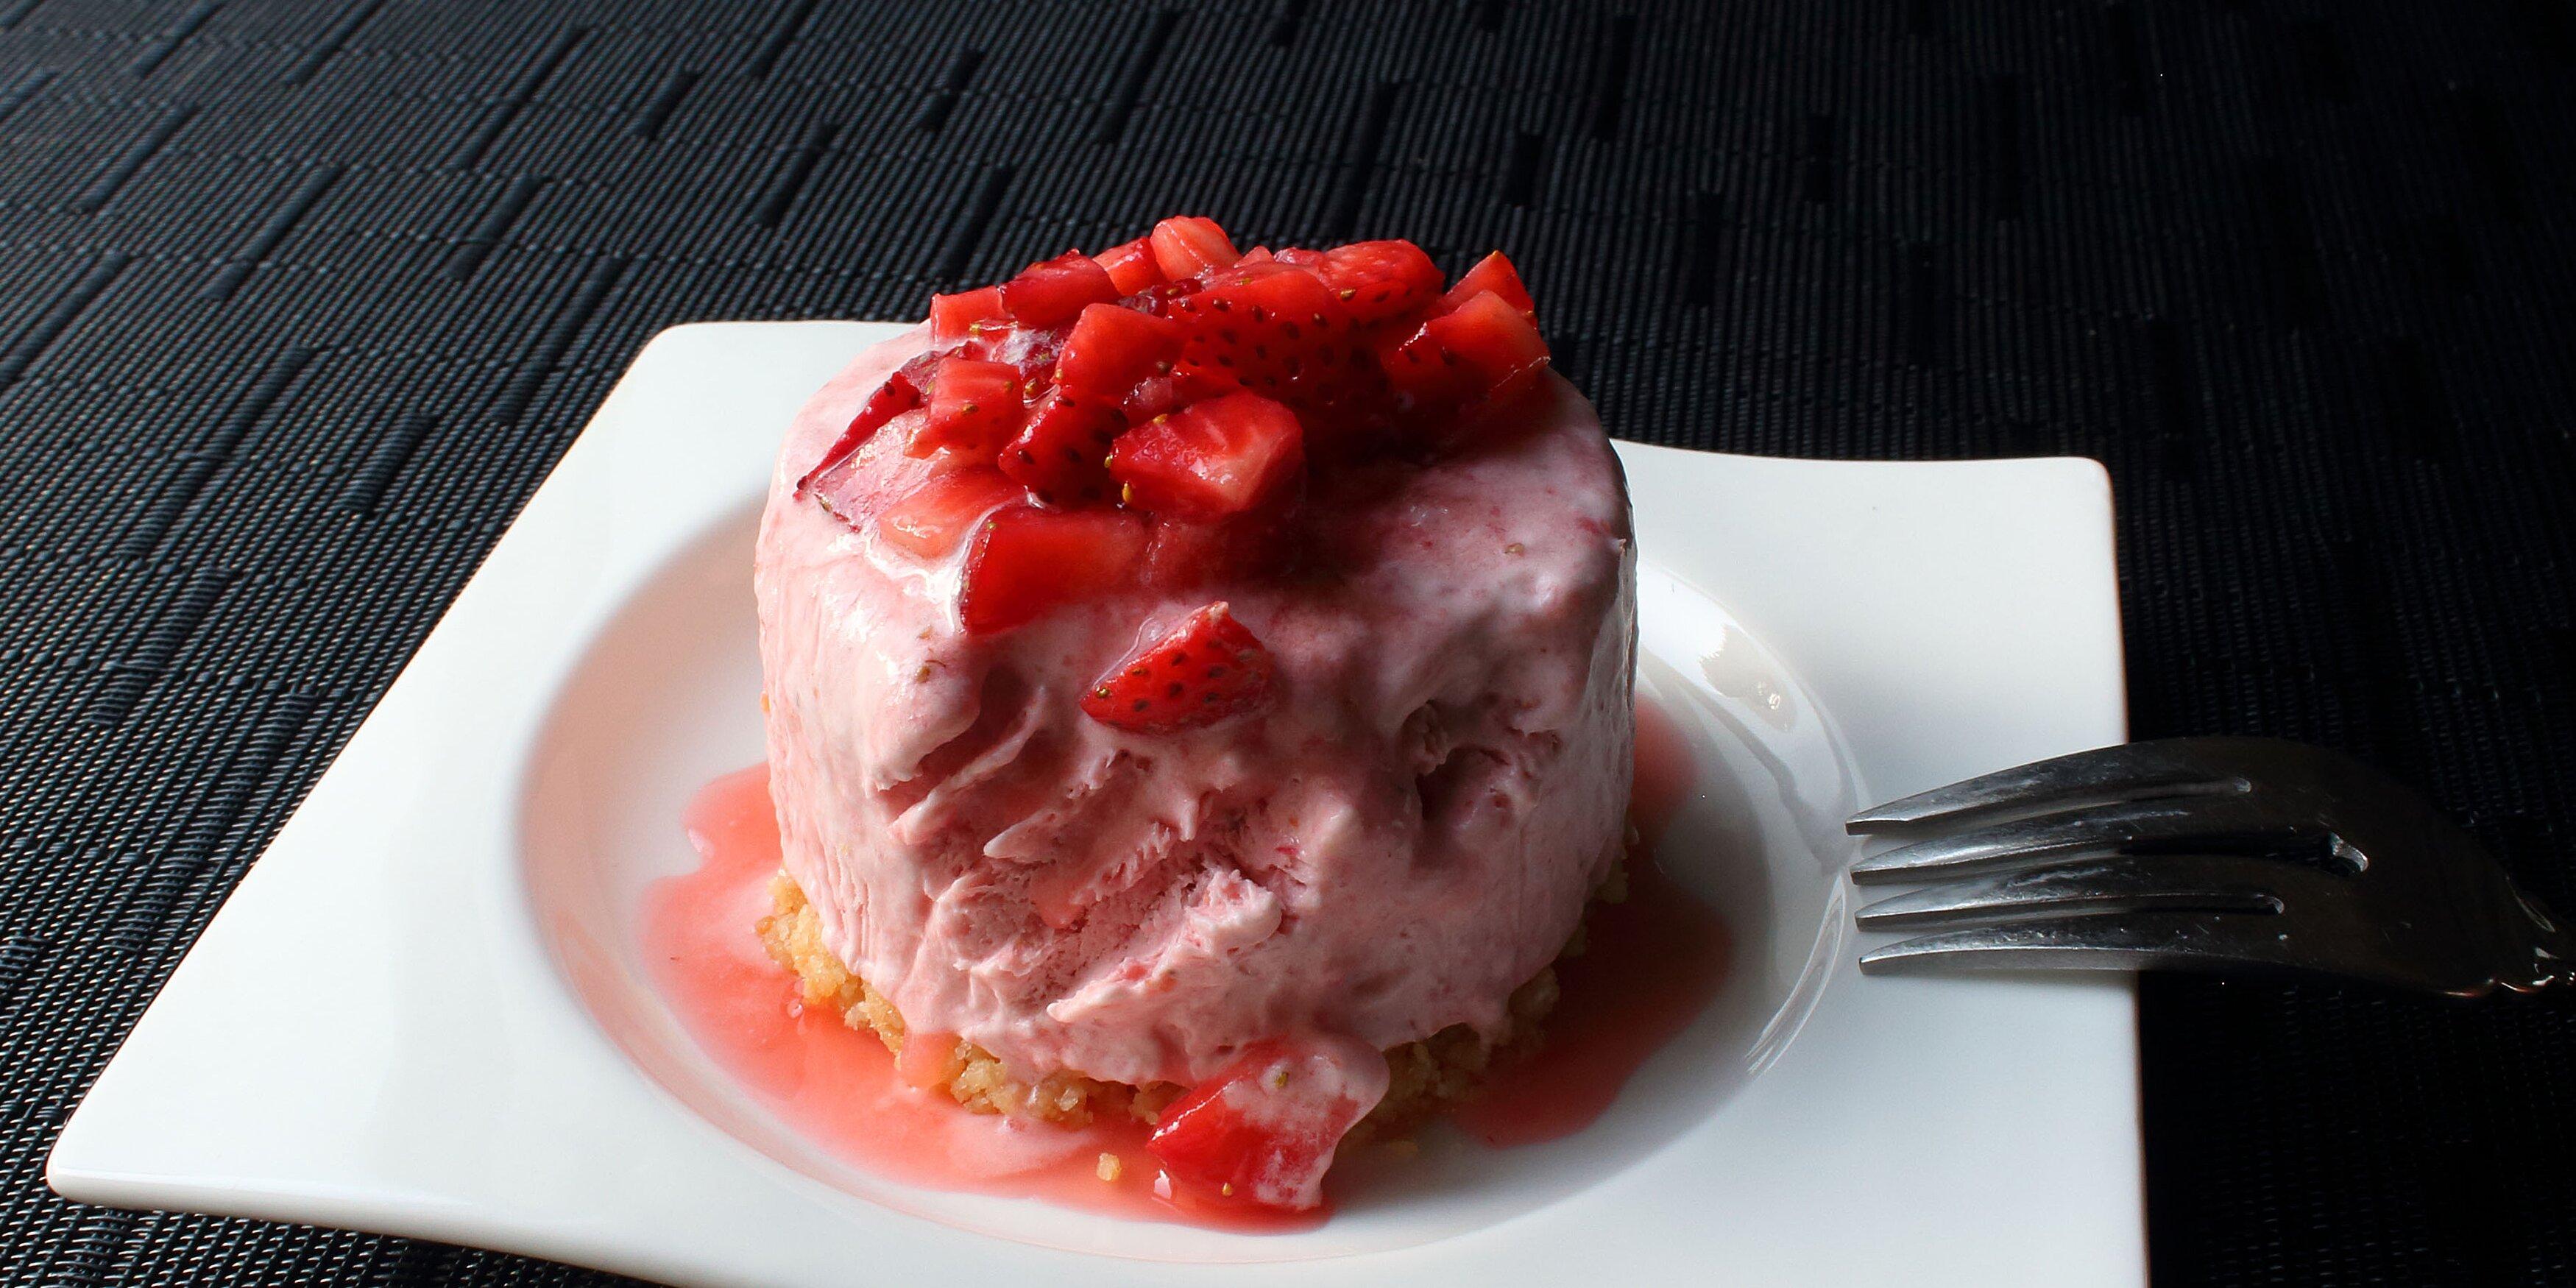 chef johns strawberry semifreddo